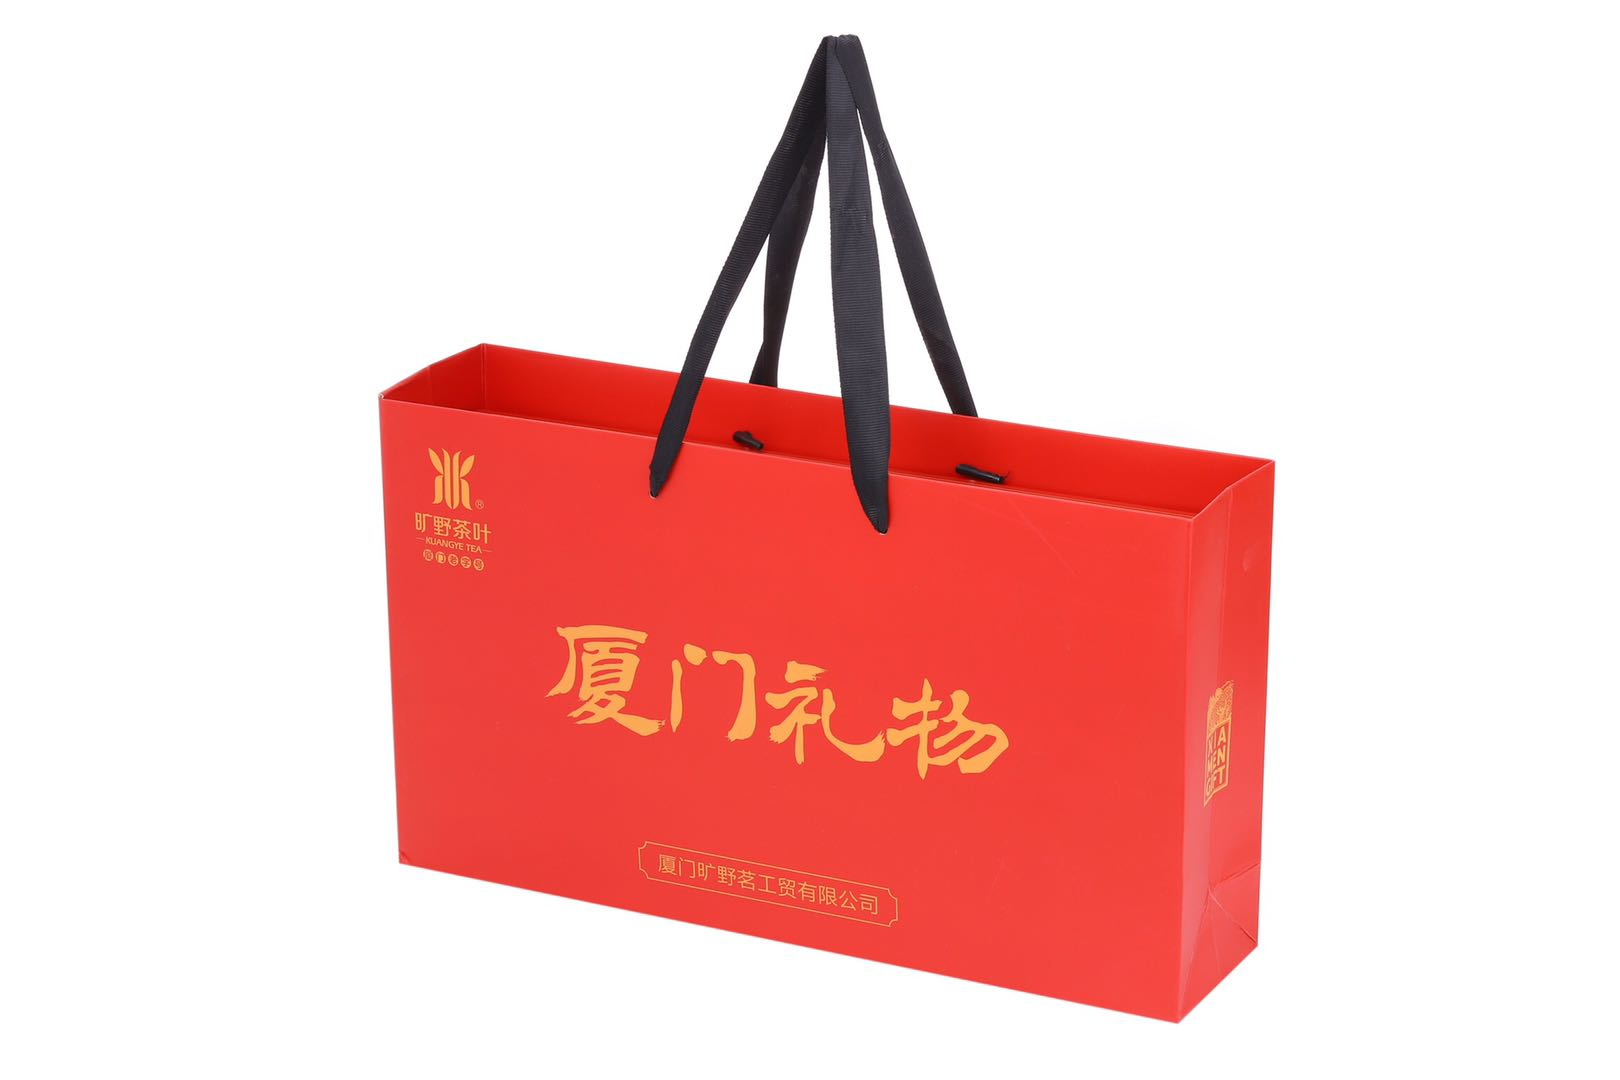 禮盒裝鐵觀音價格 誠信經營「廈門曠野茗工貿供應」